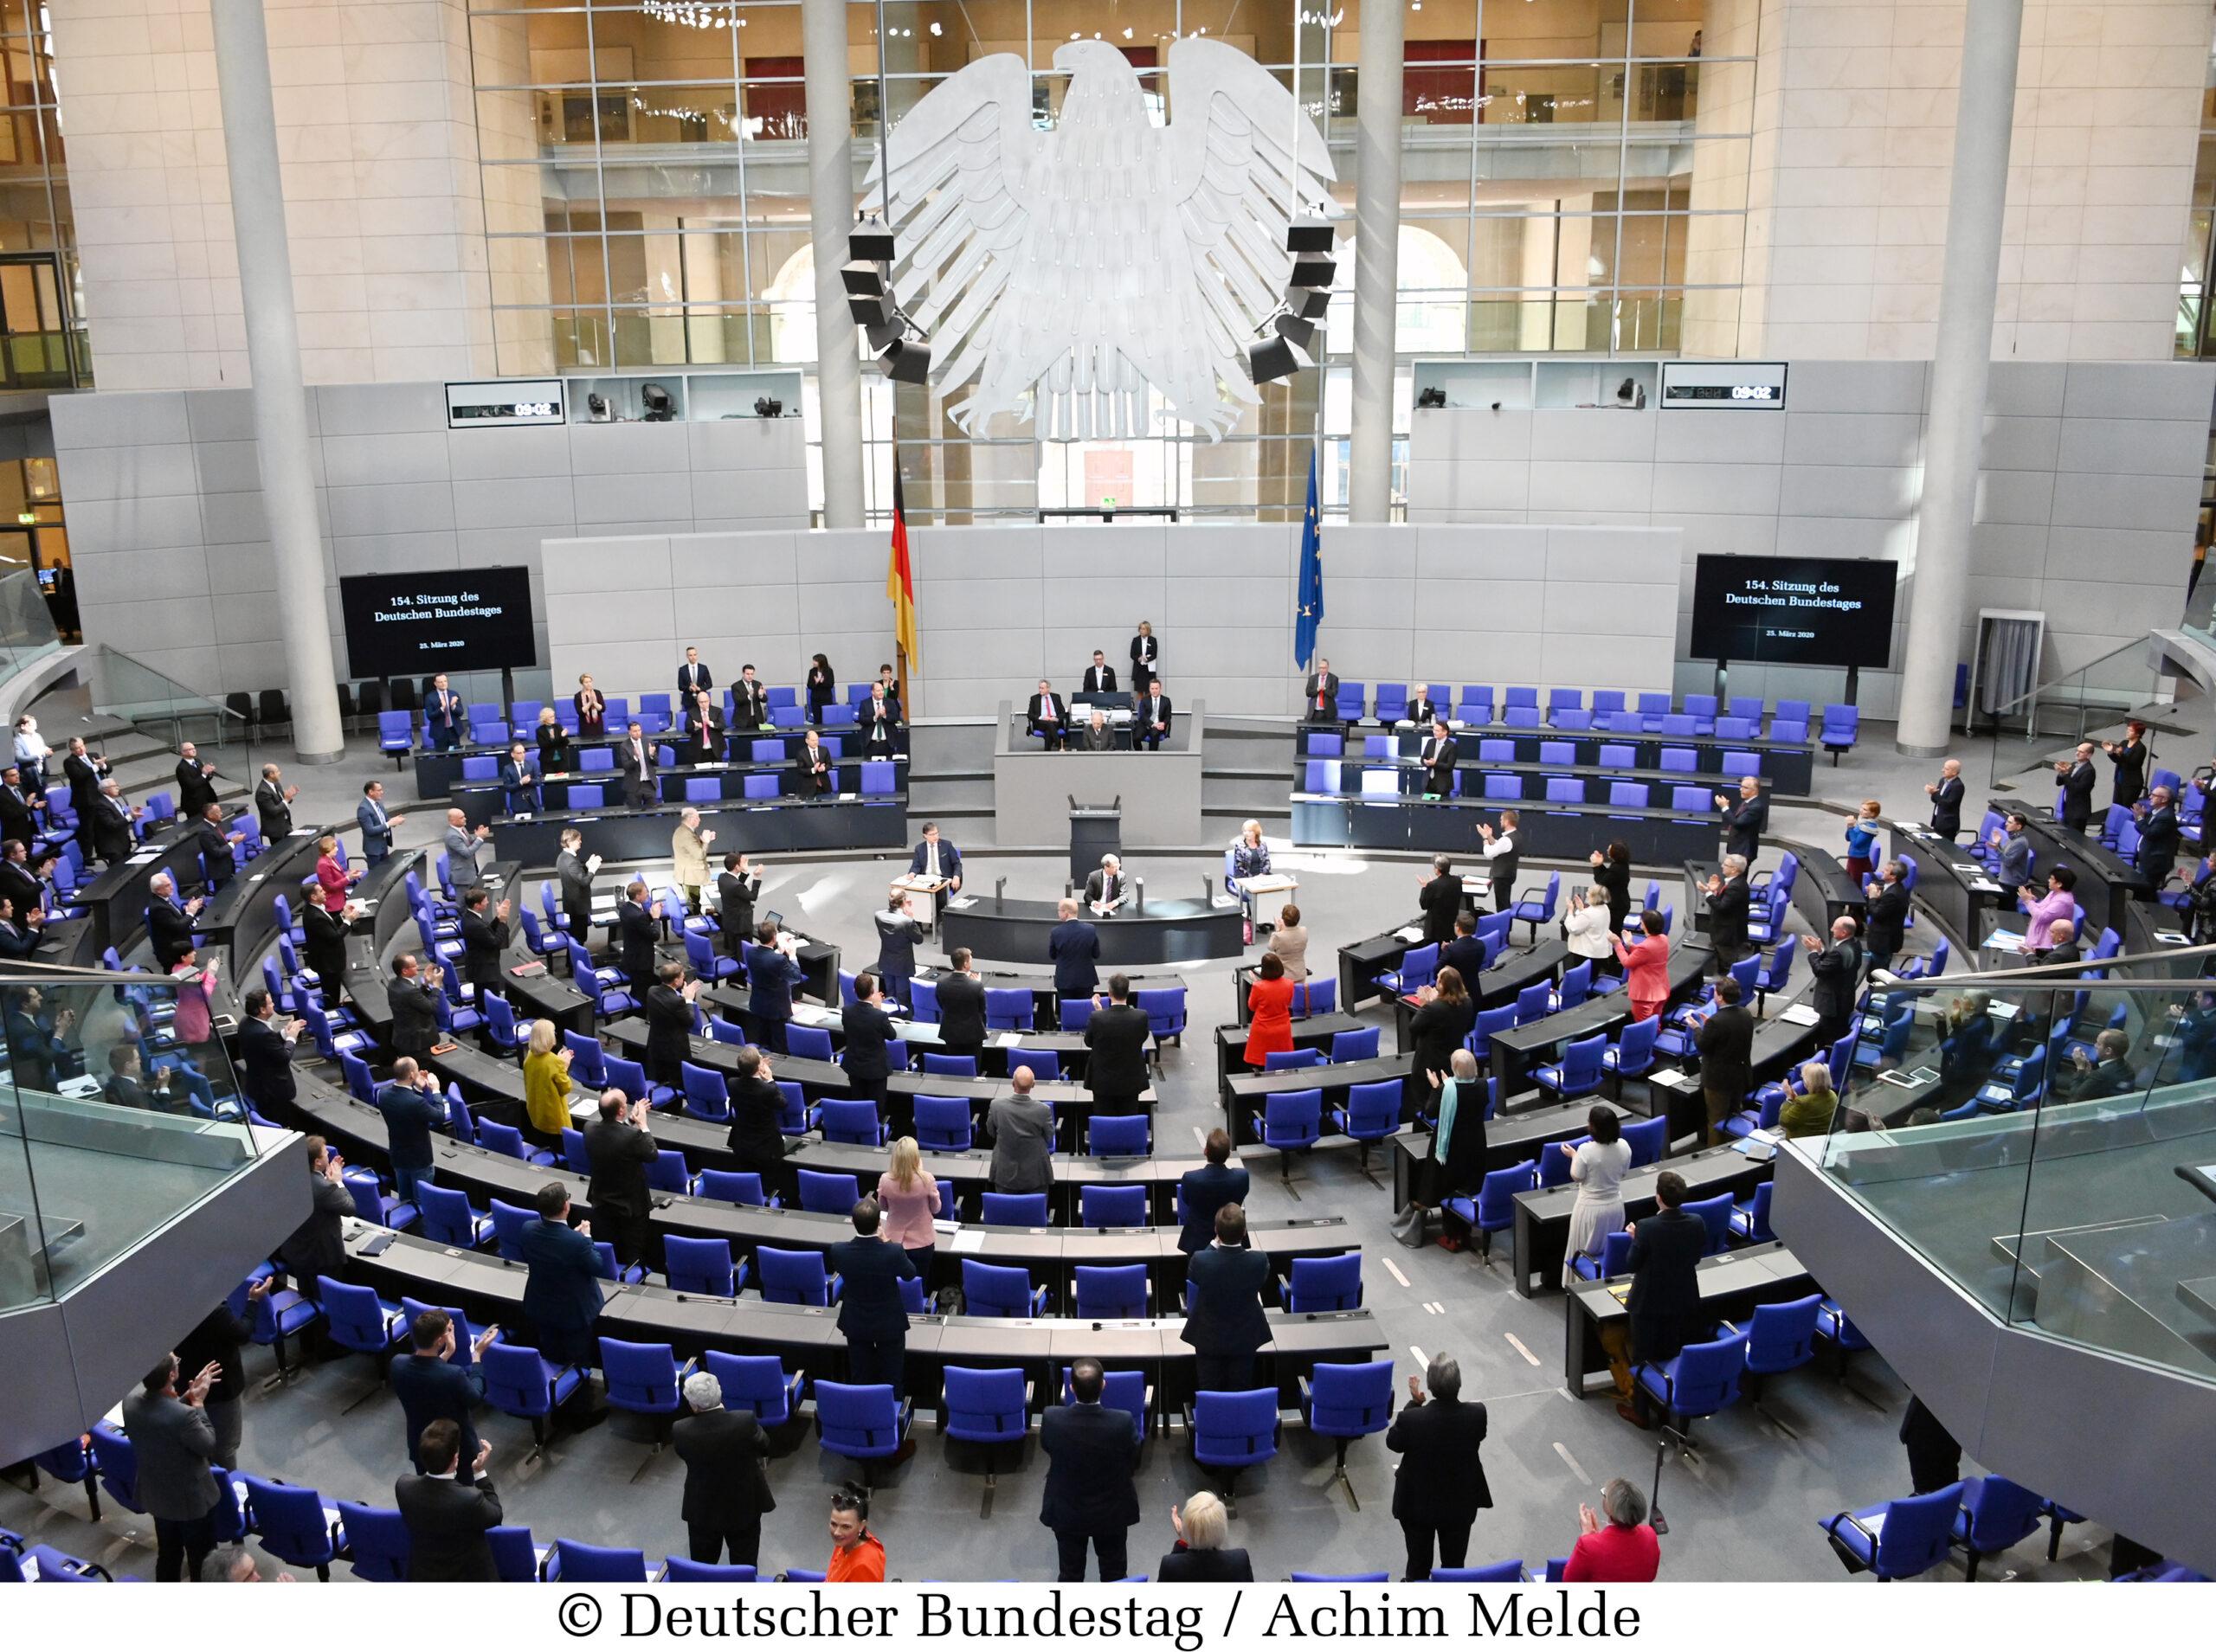 Schwierige Zeiten für CDU/CSU